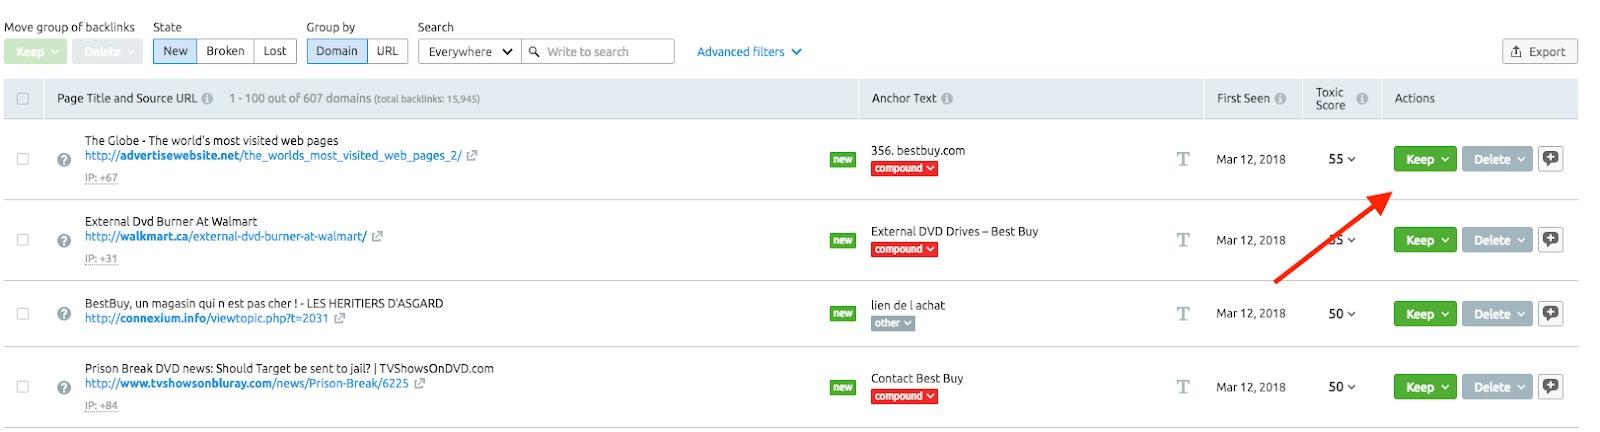 Monitorear los dominios referidos Perdidos y Encontrados image 4